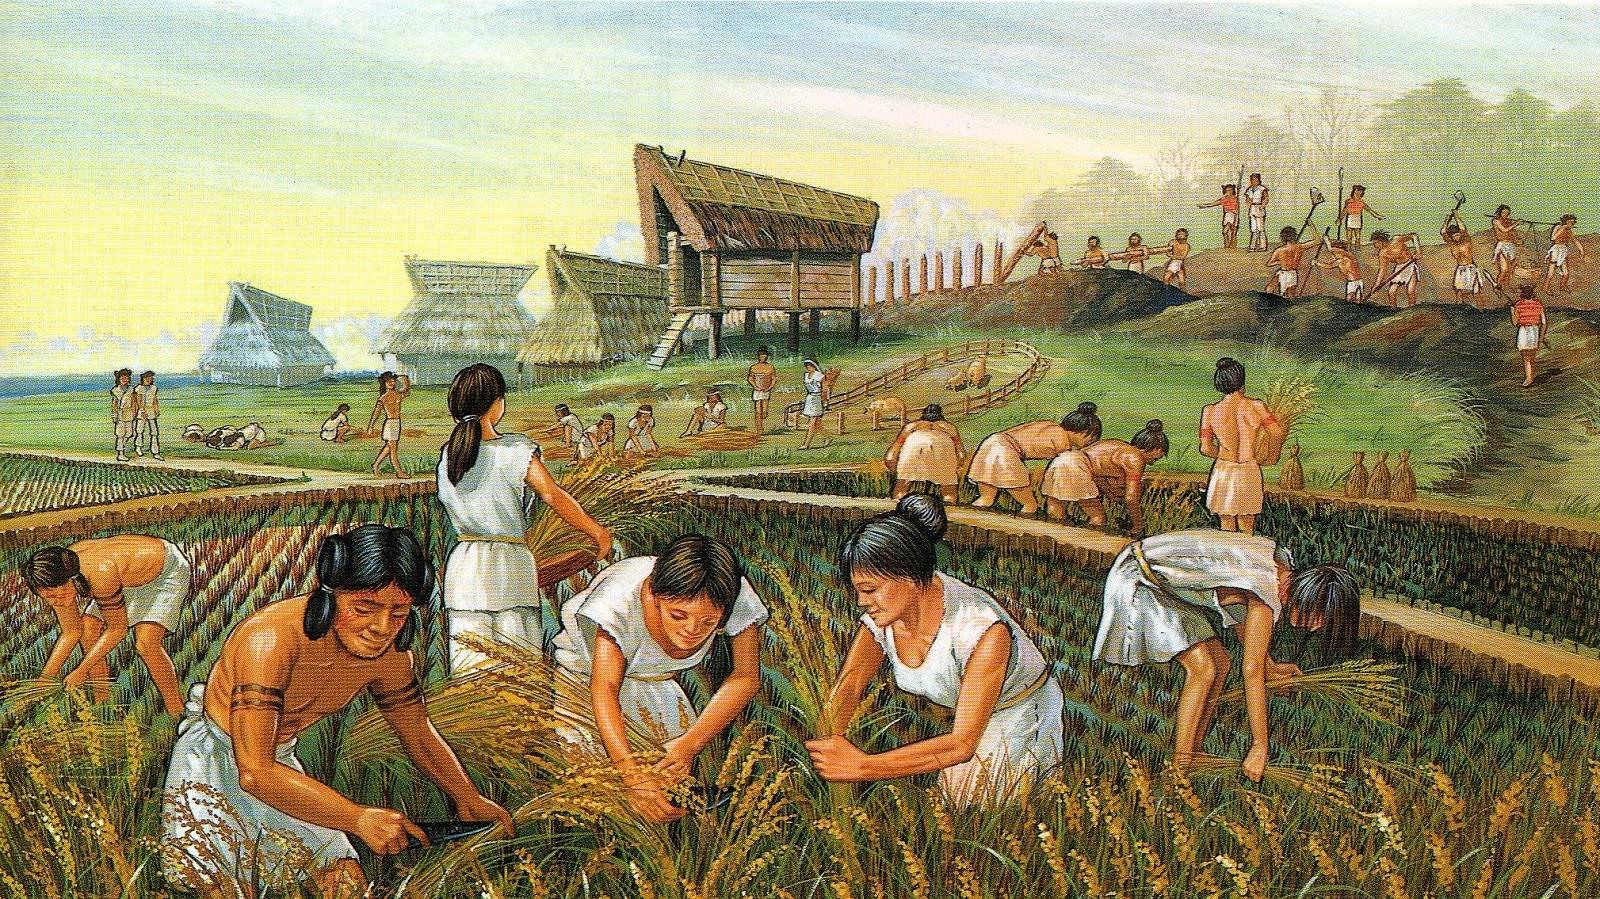 Kết quả hình ảnh cho cách mạng nông nghiệp